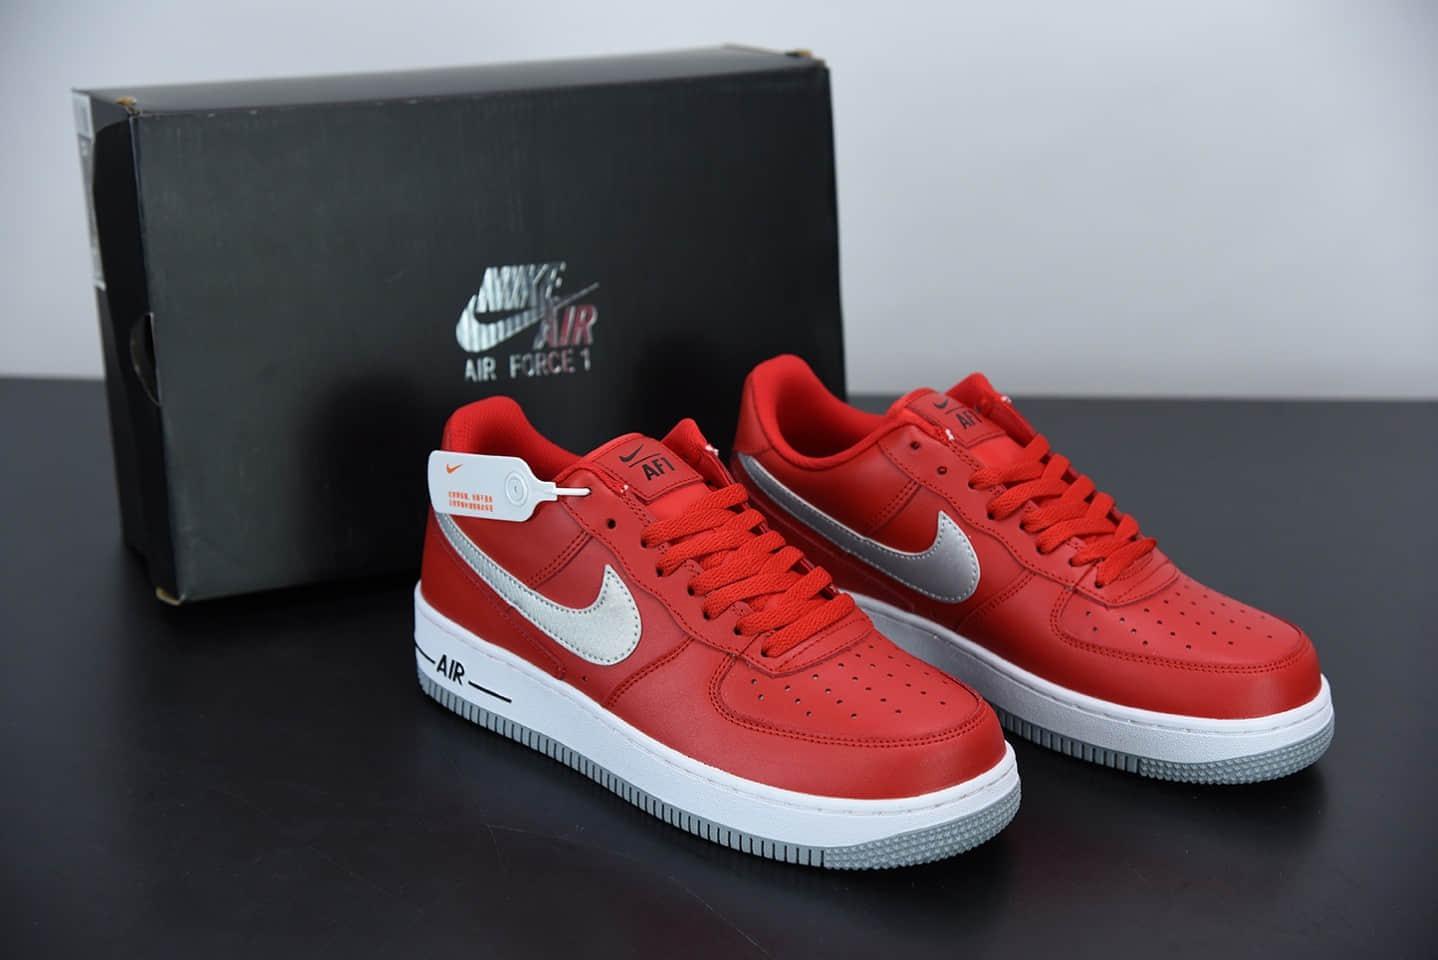 耐克Nike Air Force 1'07Summit White灰红后跟几何涂鸦空军一号经典低帮百搭休闲运动板鞋纯原版本 货号:DD7113-600